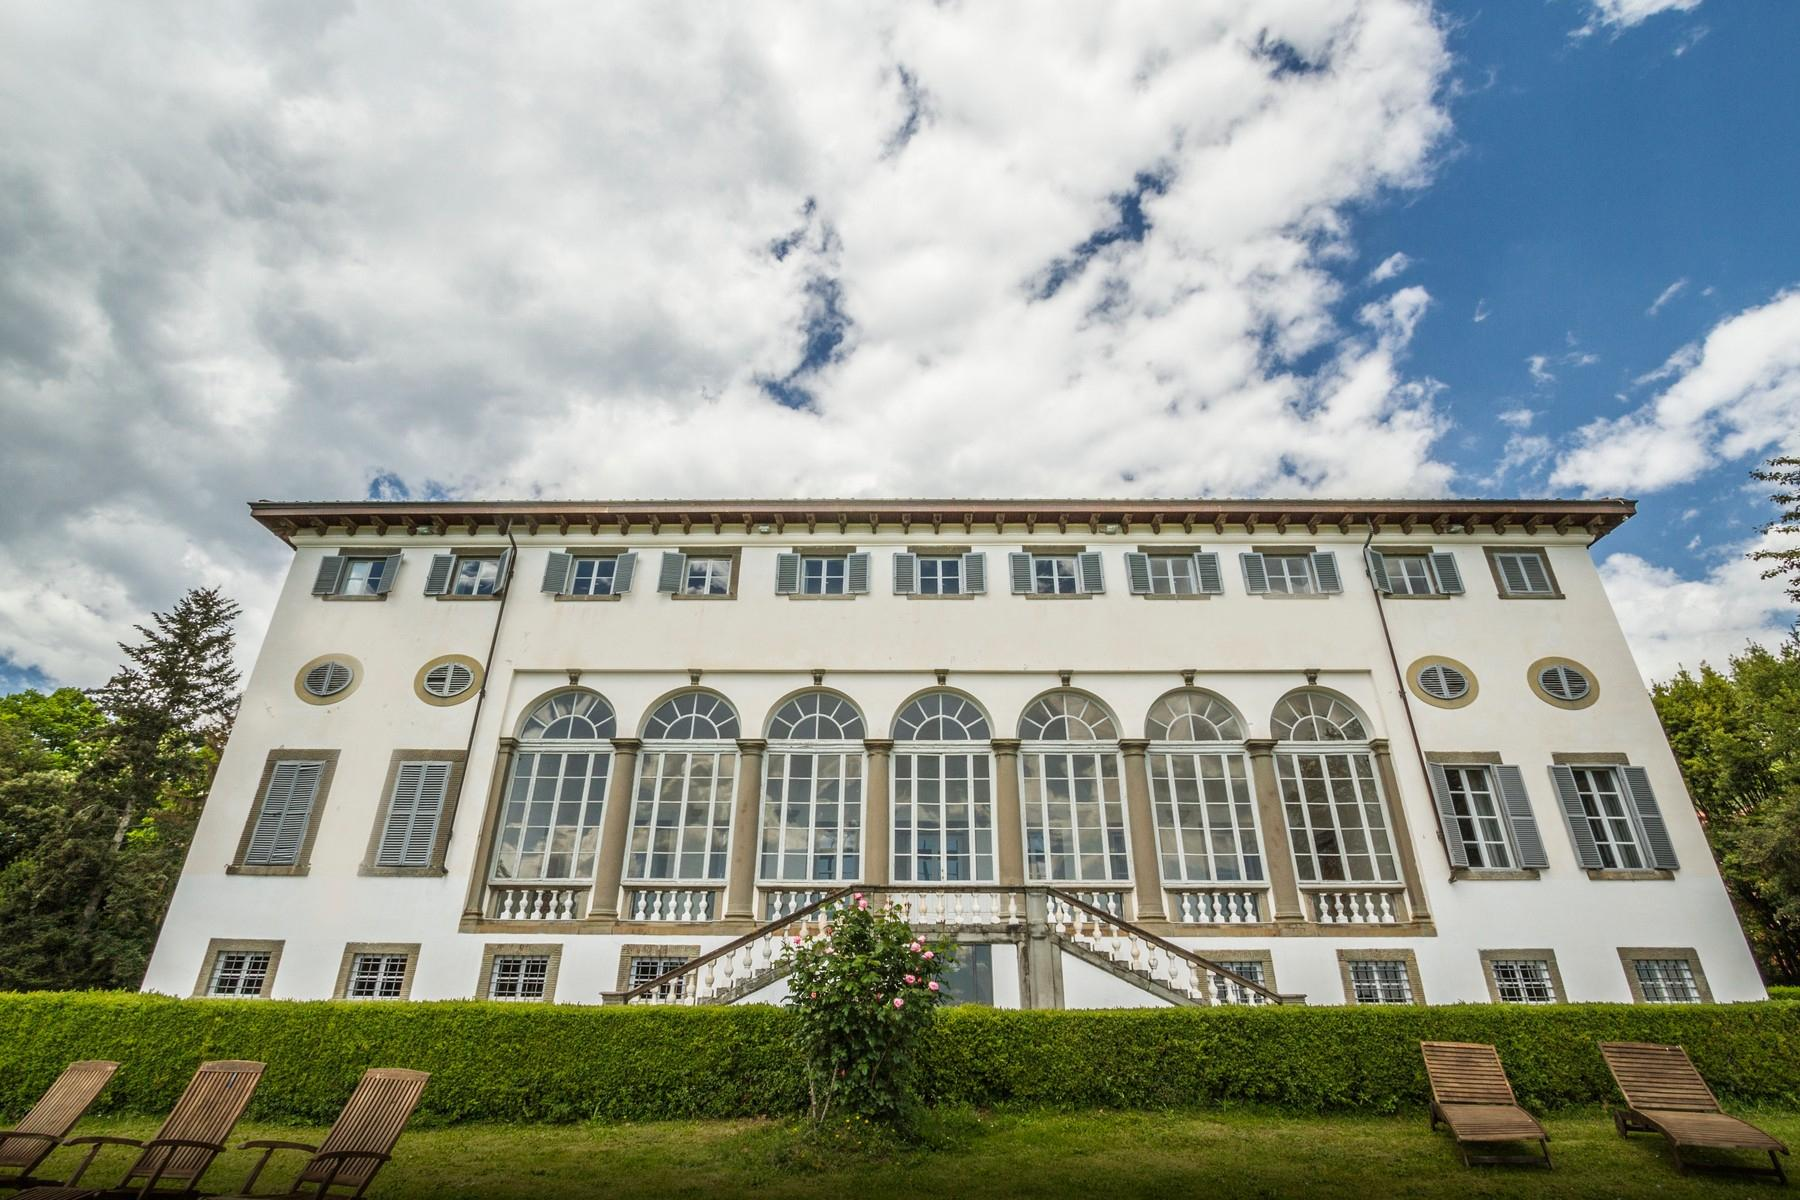 Appartamento di pregio in resort esclusivo con villa storica sulle colline di Lucca - 13